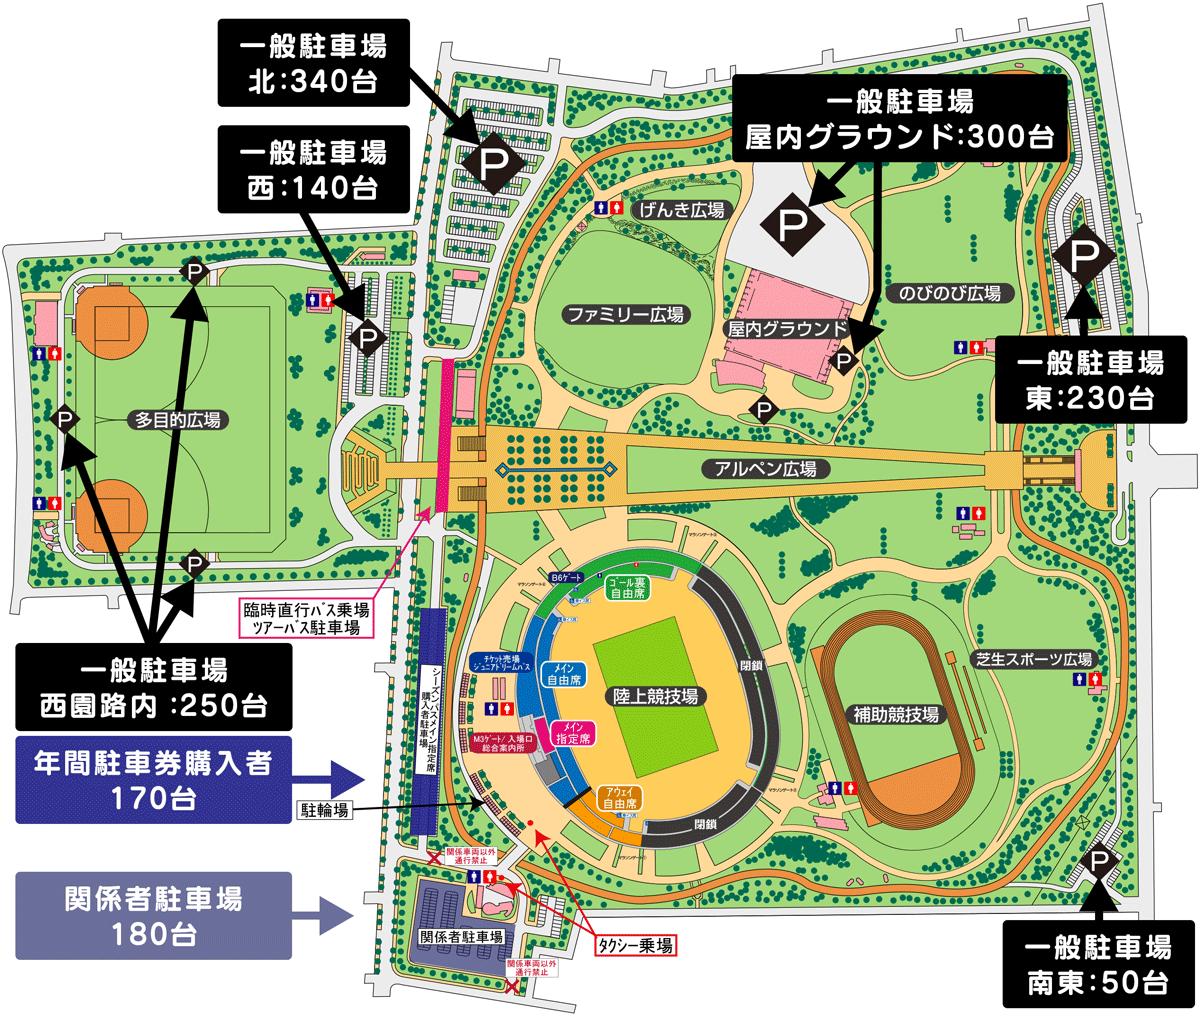 サッカーJリーグ、カターレ富山のホームスタジアム「富山県総合運動公園 陸上競技場」の駐車場マップ